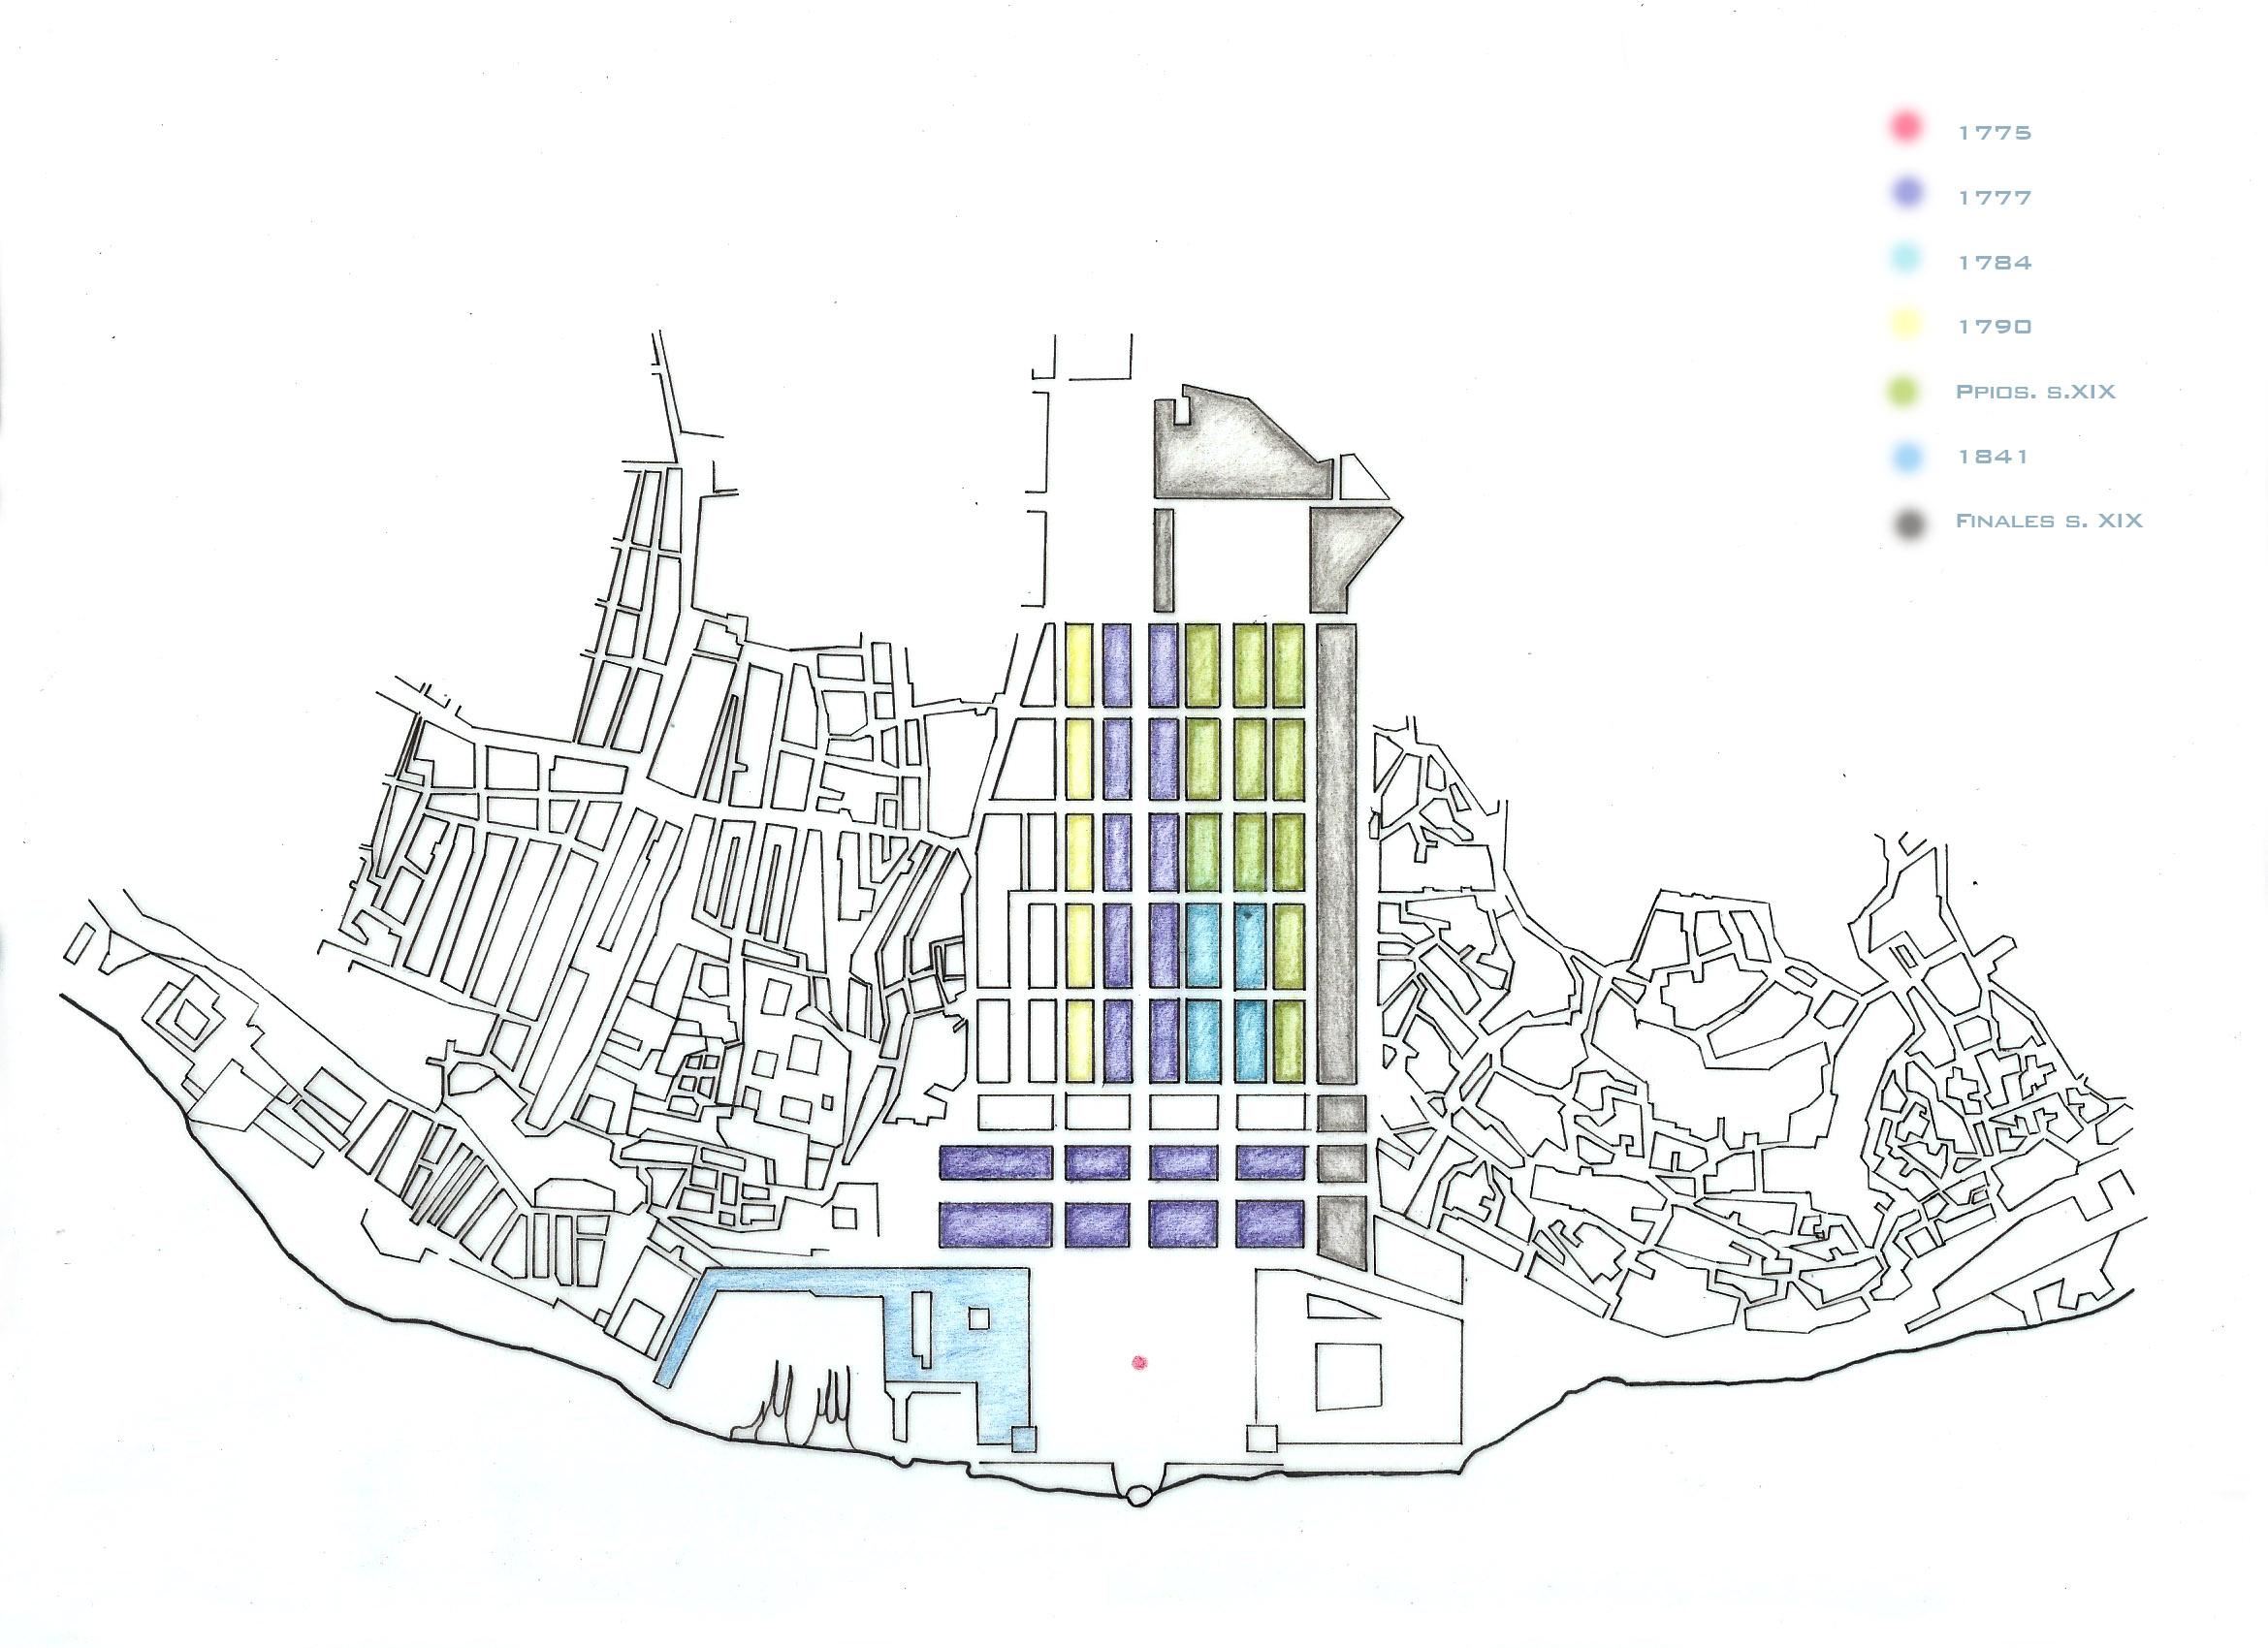 Plano Da Cidade De Cullera Seville-5185